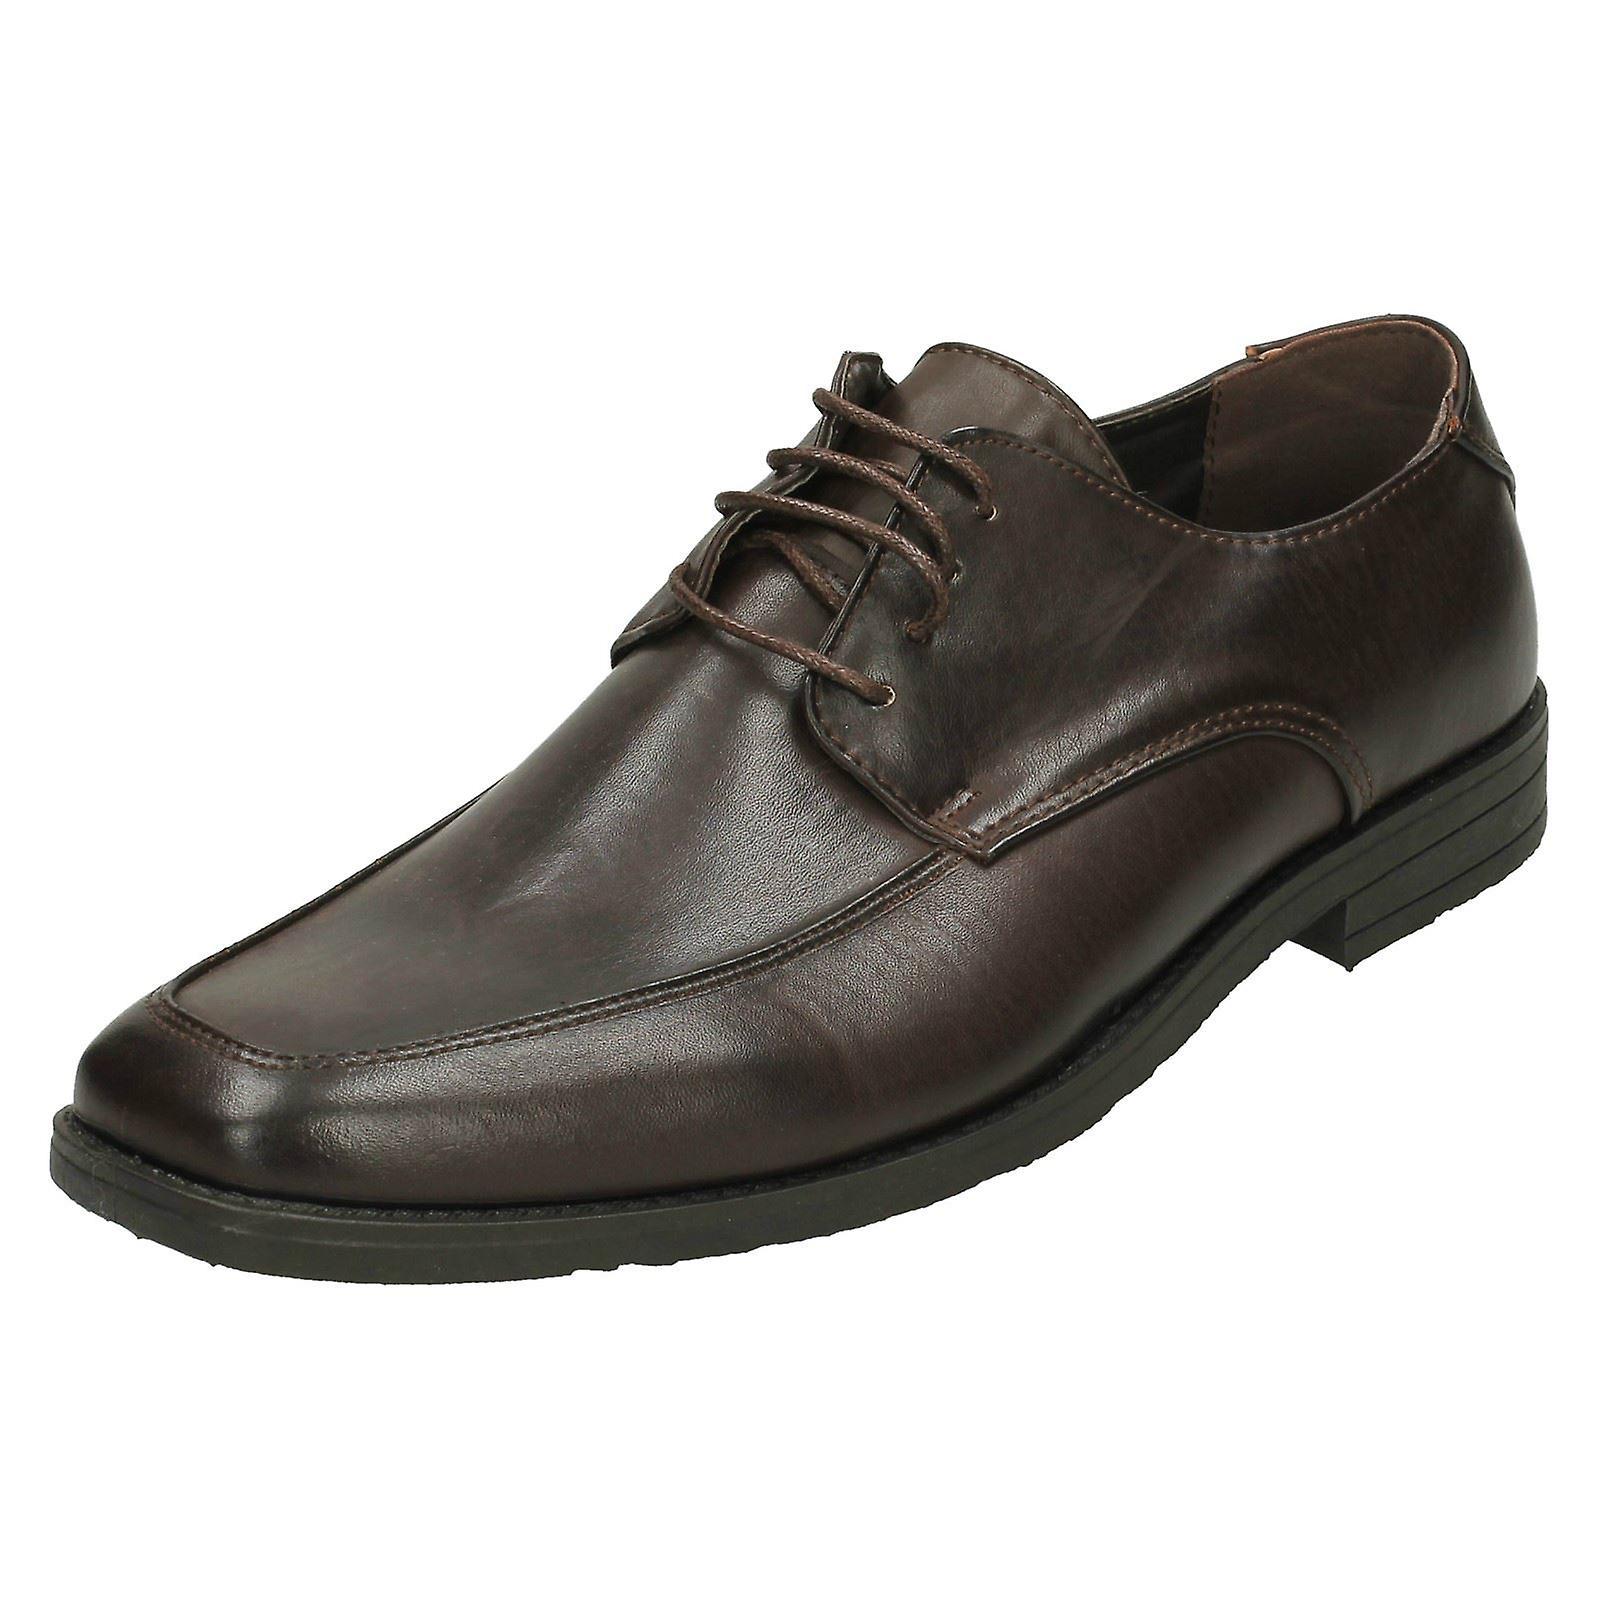 Mens Malvern piatto pizzo scarpa - A2102   Scelta Internazionale    Uomo/Donne Scarpa